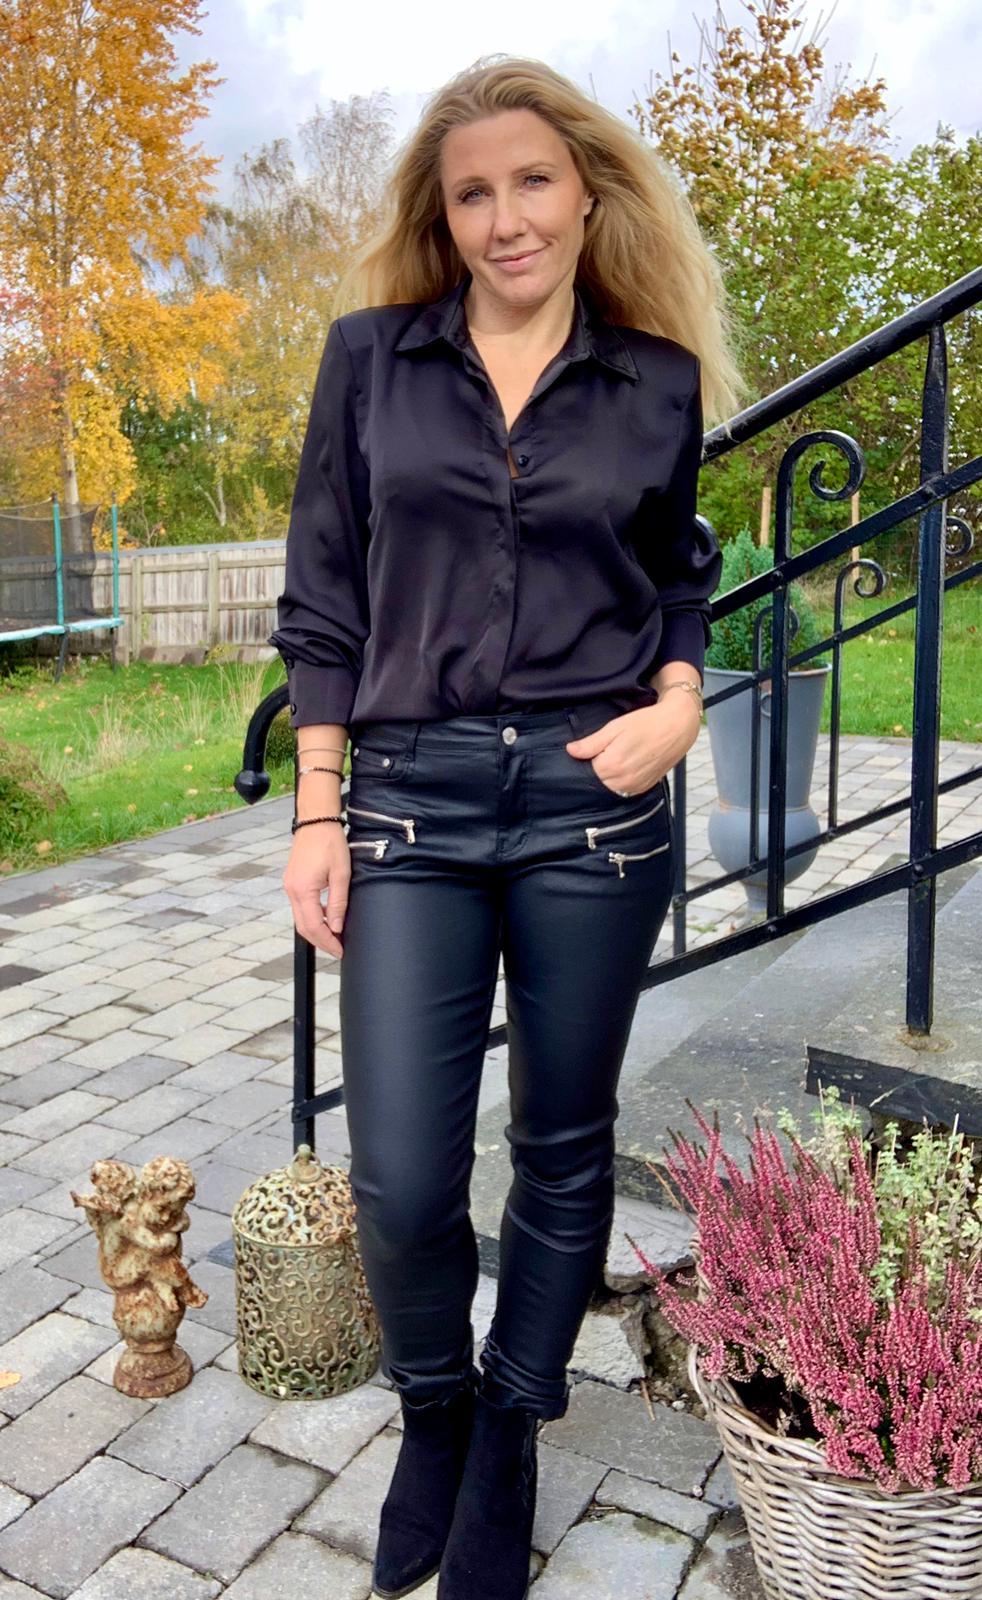 francine-sidenskjorta-svart-mobil3